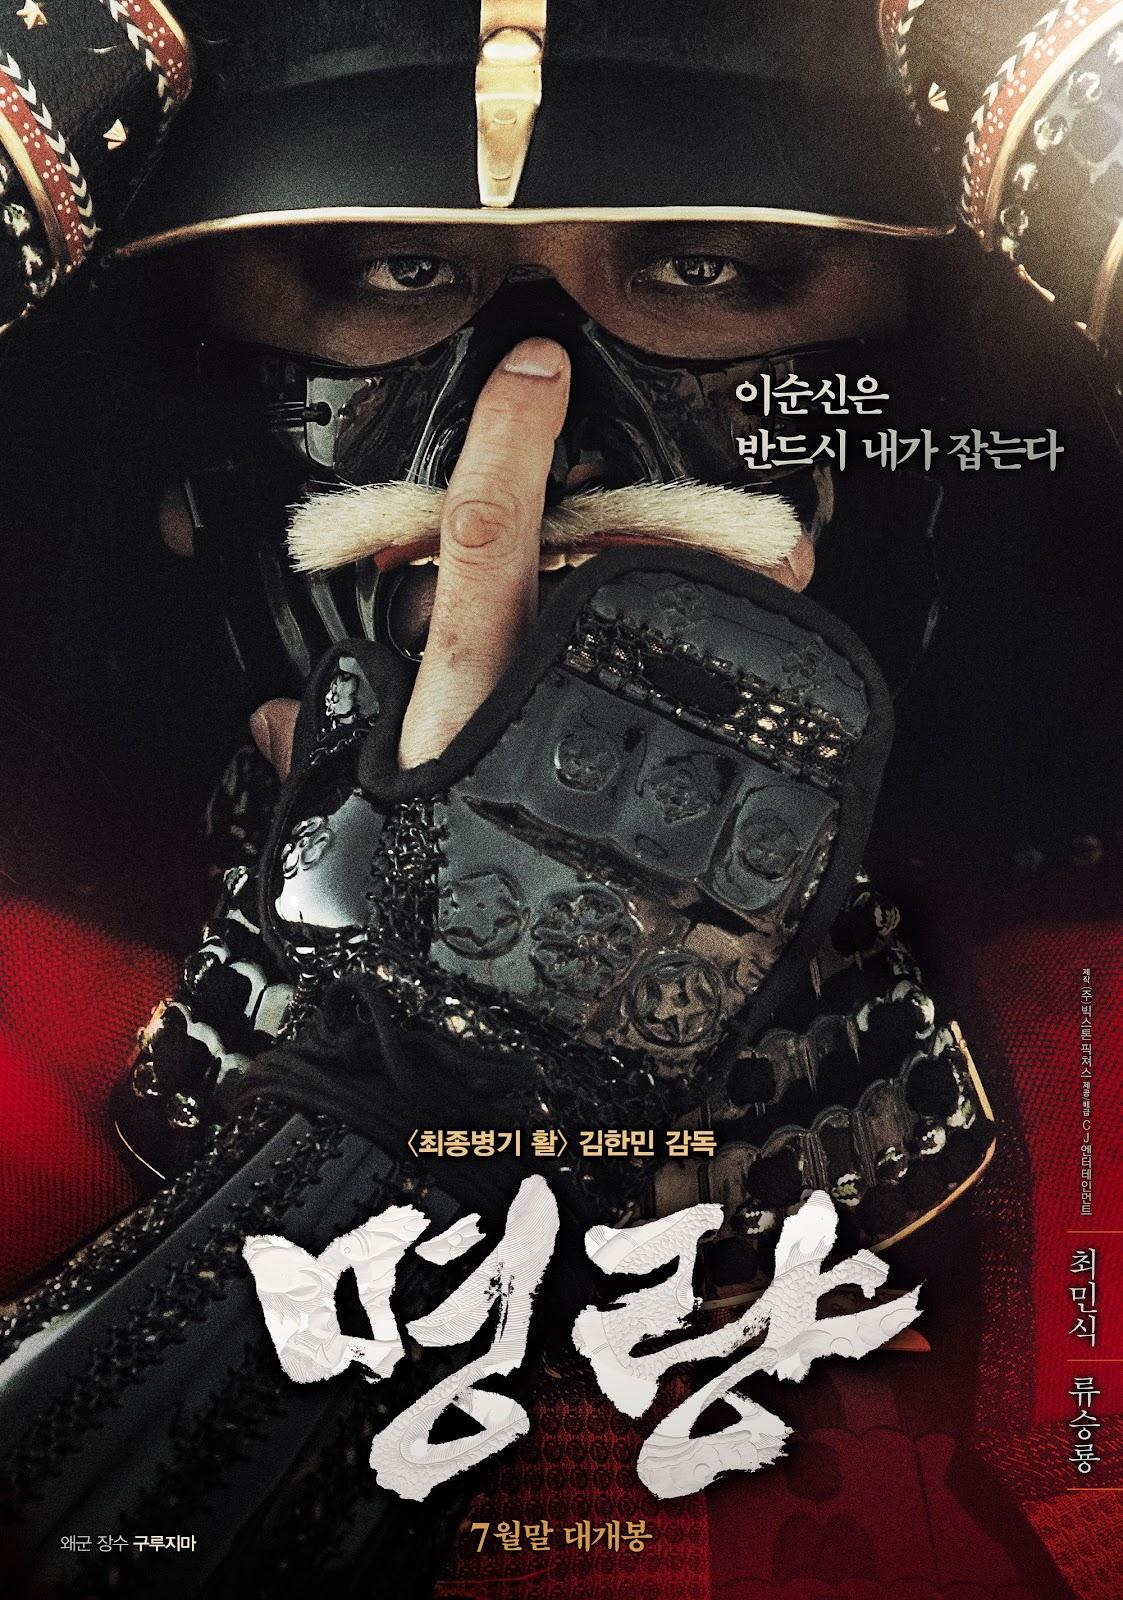 韓国映画] バトル・オーシャン ...